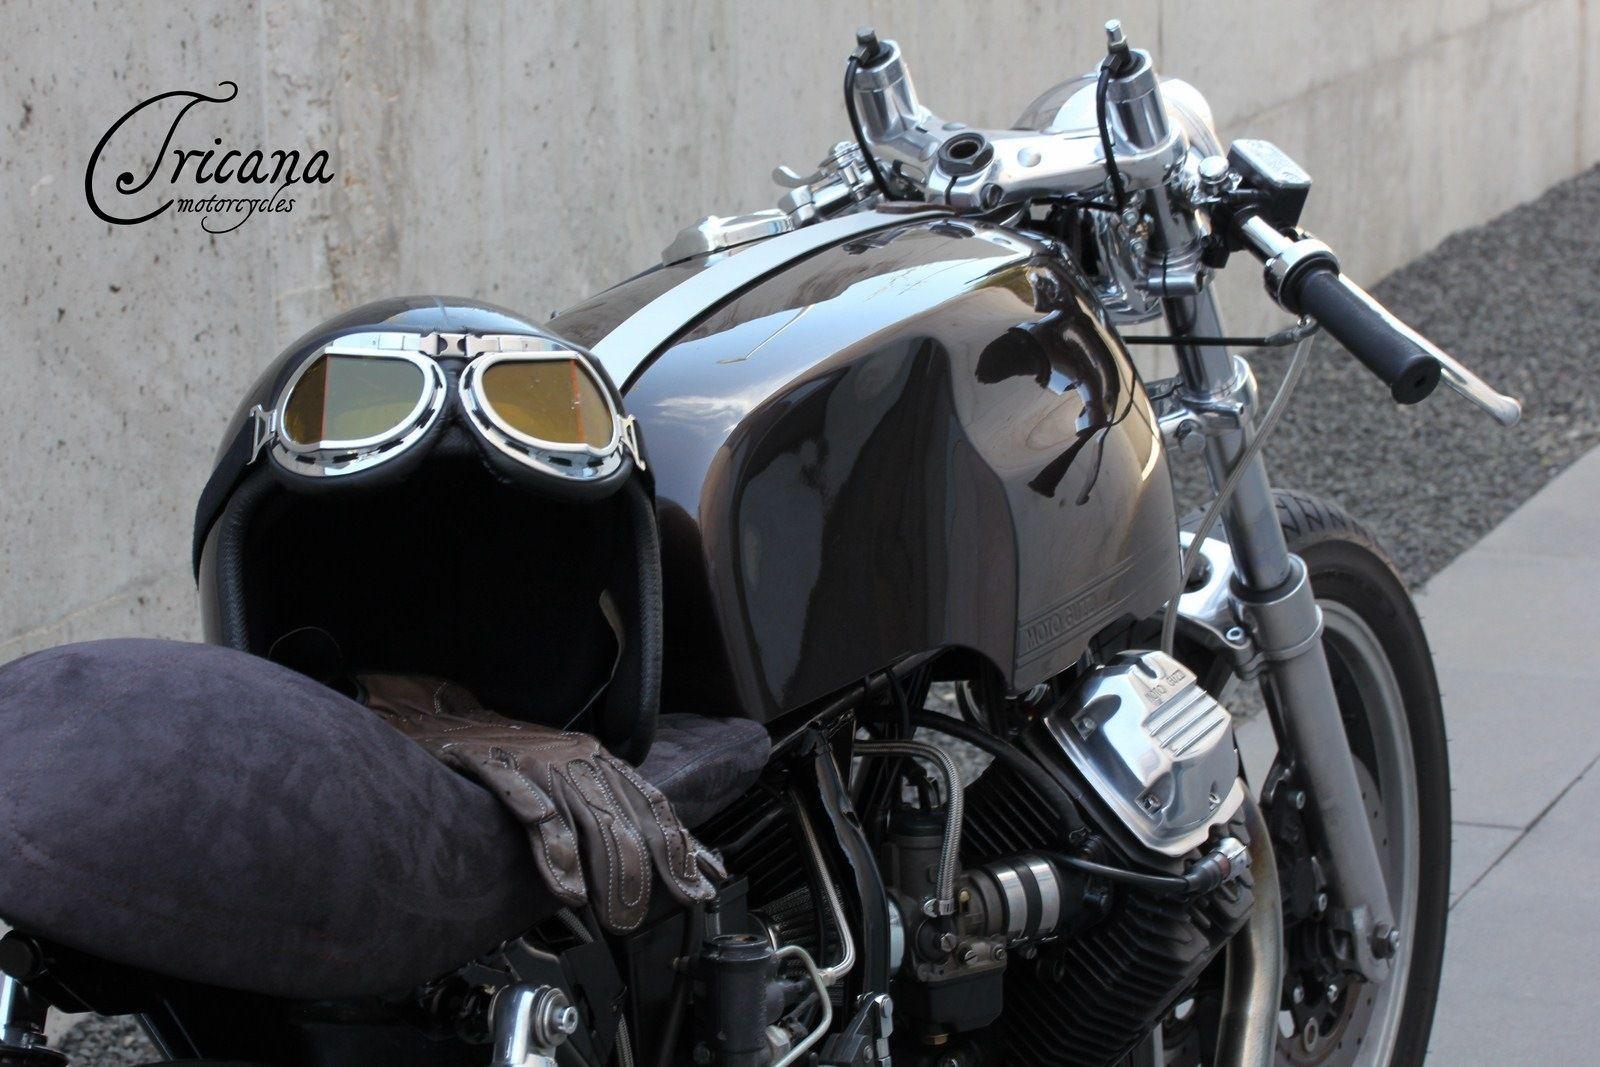 Moto Guzzi  | Tricana Motorcycles Moto Guzzi